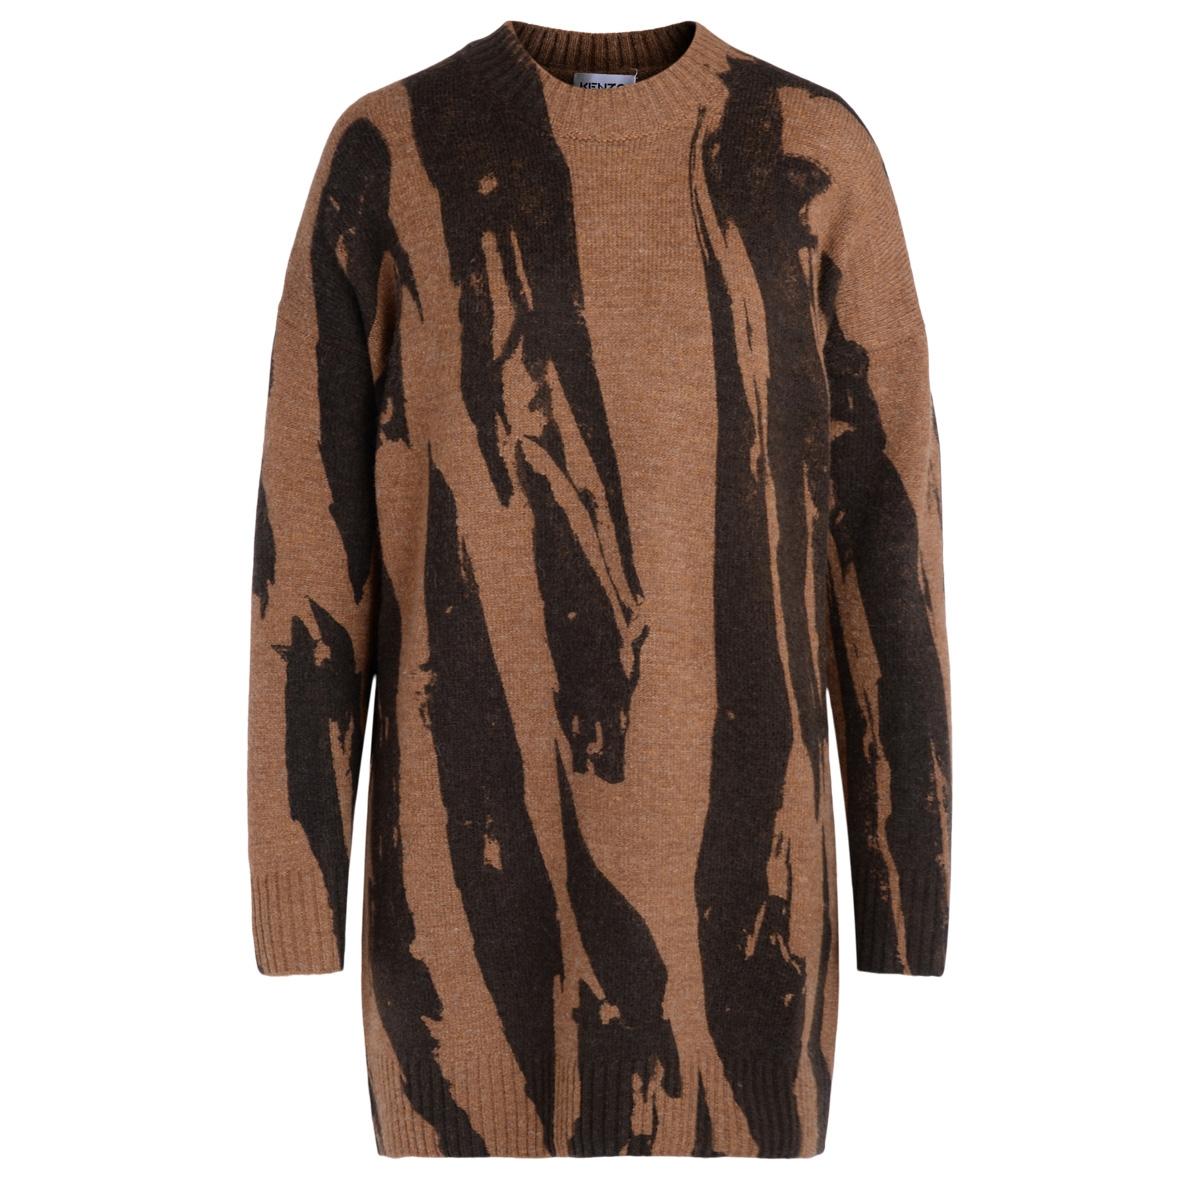 Robe Pleat Camo en laine mélangée couleur taupe - Kenzo - Modalova